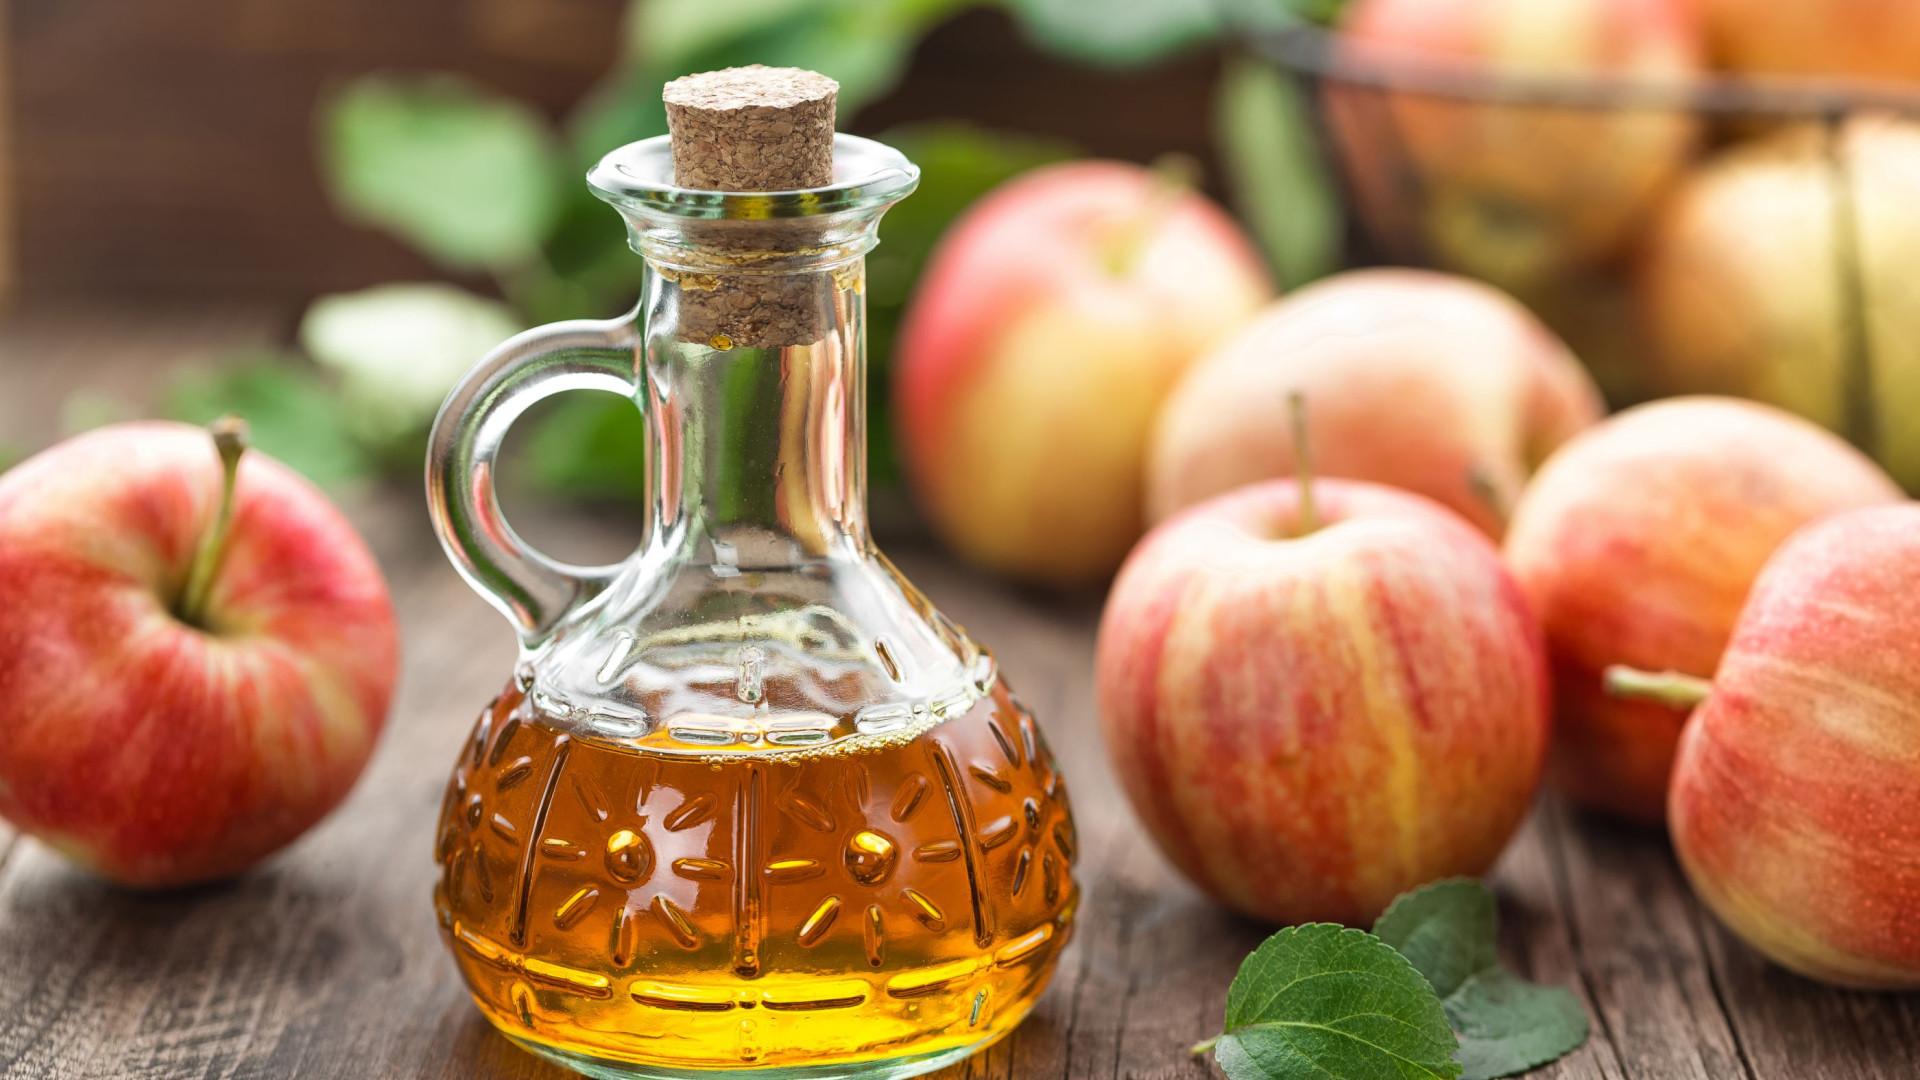 Emagreça já: Beba esta quantidade de vinagre de cidra diariamente